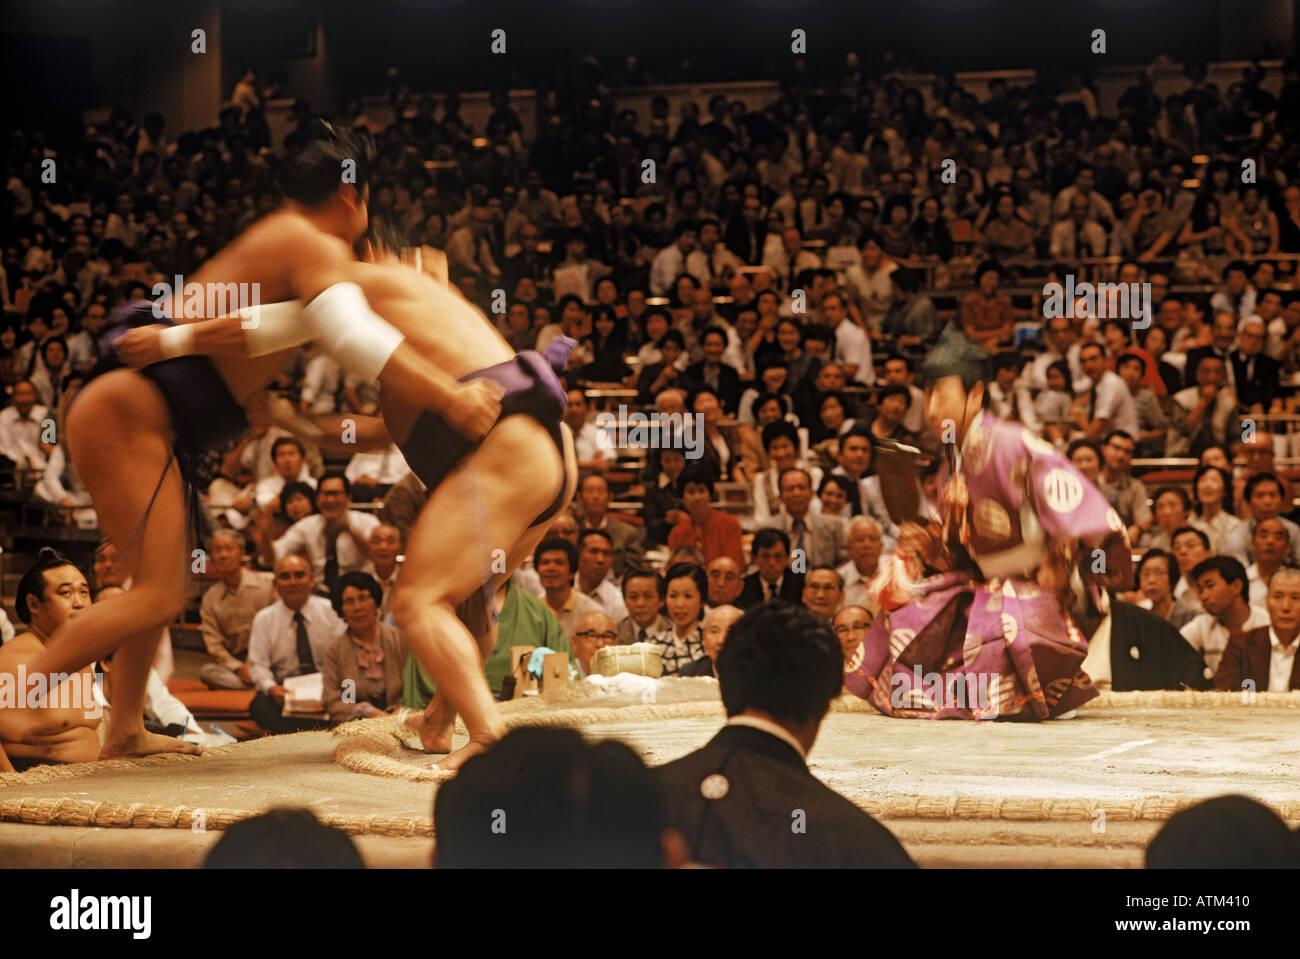 Lottatori di Sumo in perizoma e anta o mawashi combattimenti in anello o dohyo Immagini Stock